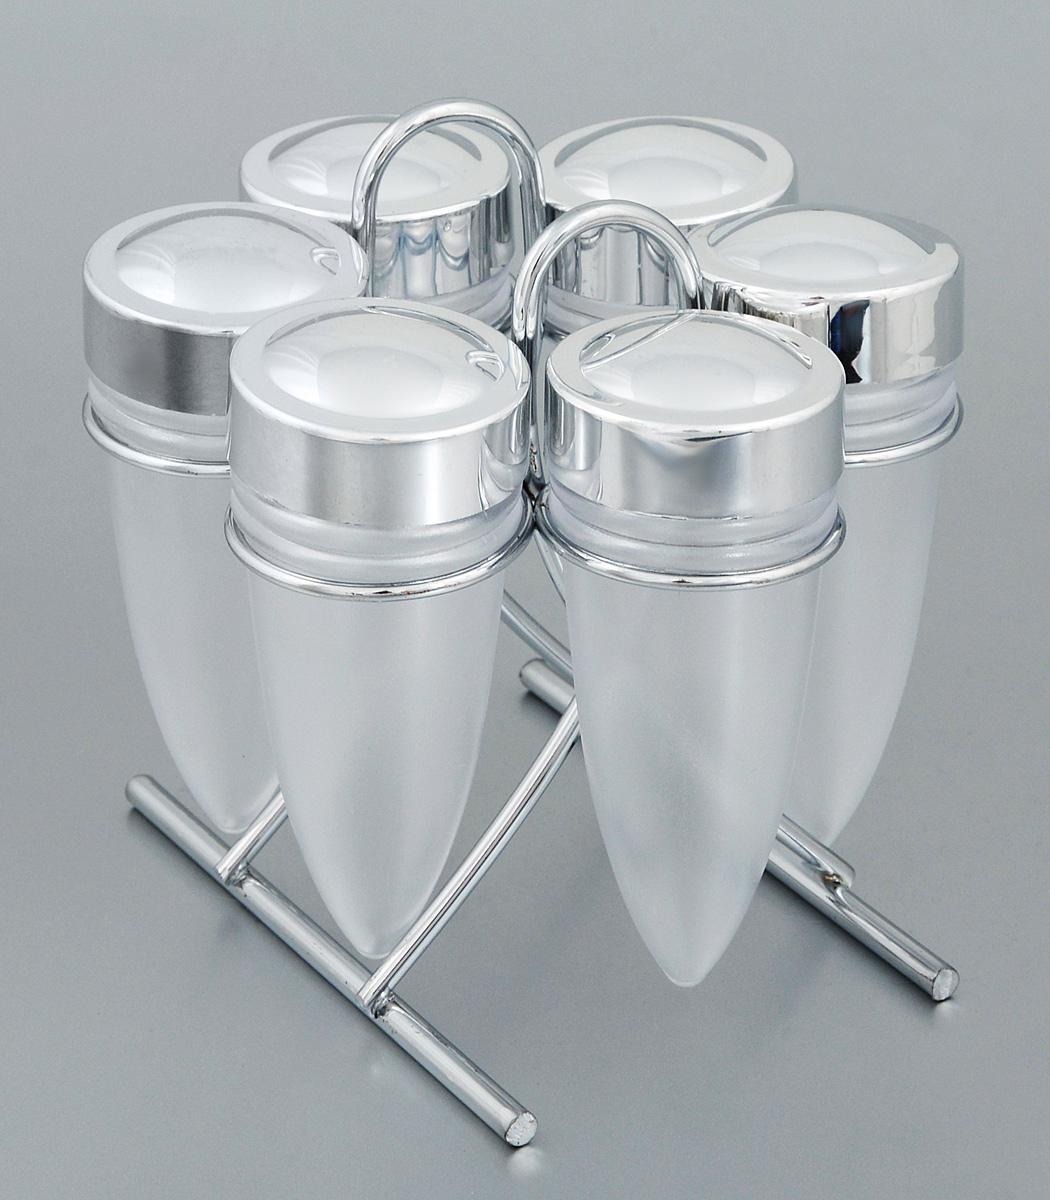 Набор для специй Rosenberg, на подставке, 7 предметов. 629377.858@22120, 6293Набор Rosenberg состоит из 6 емкостей для специй и подставки. Емкости выполнены из прочного пластика и снабжены удобными крышками. Для хранения емкостей предусмотрена подставка из стали с хромированной поверхностью. Такой набор поможет хранить под рукой самые часто используемые специи. Объем емкости: 60 мл. Высота емкости (без учета крышки): 10,7 см. Диаметр емкости (по верхнему краю): 4 см. Размер подставки: 13 х 8,5 х 12,5 см.